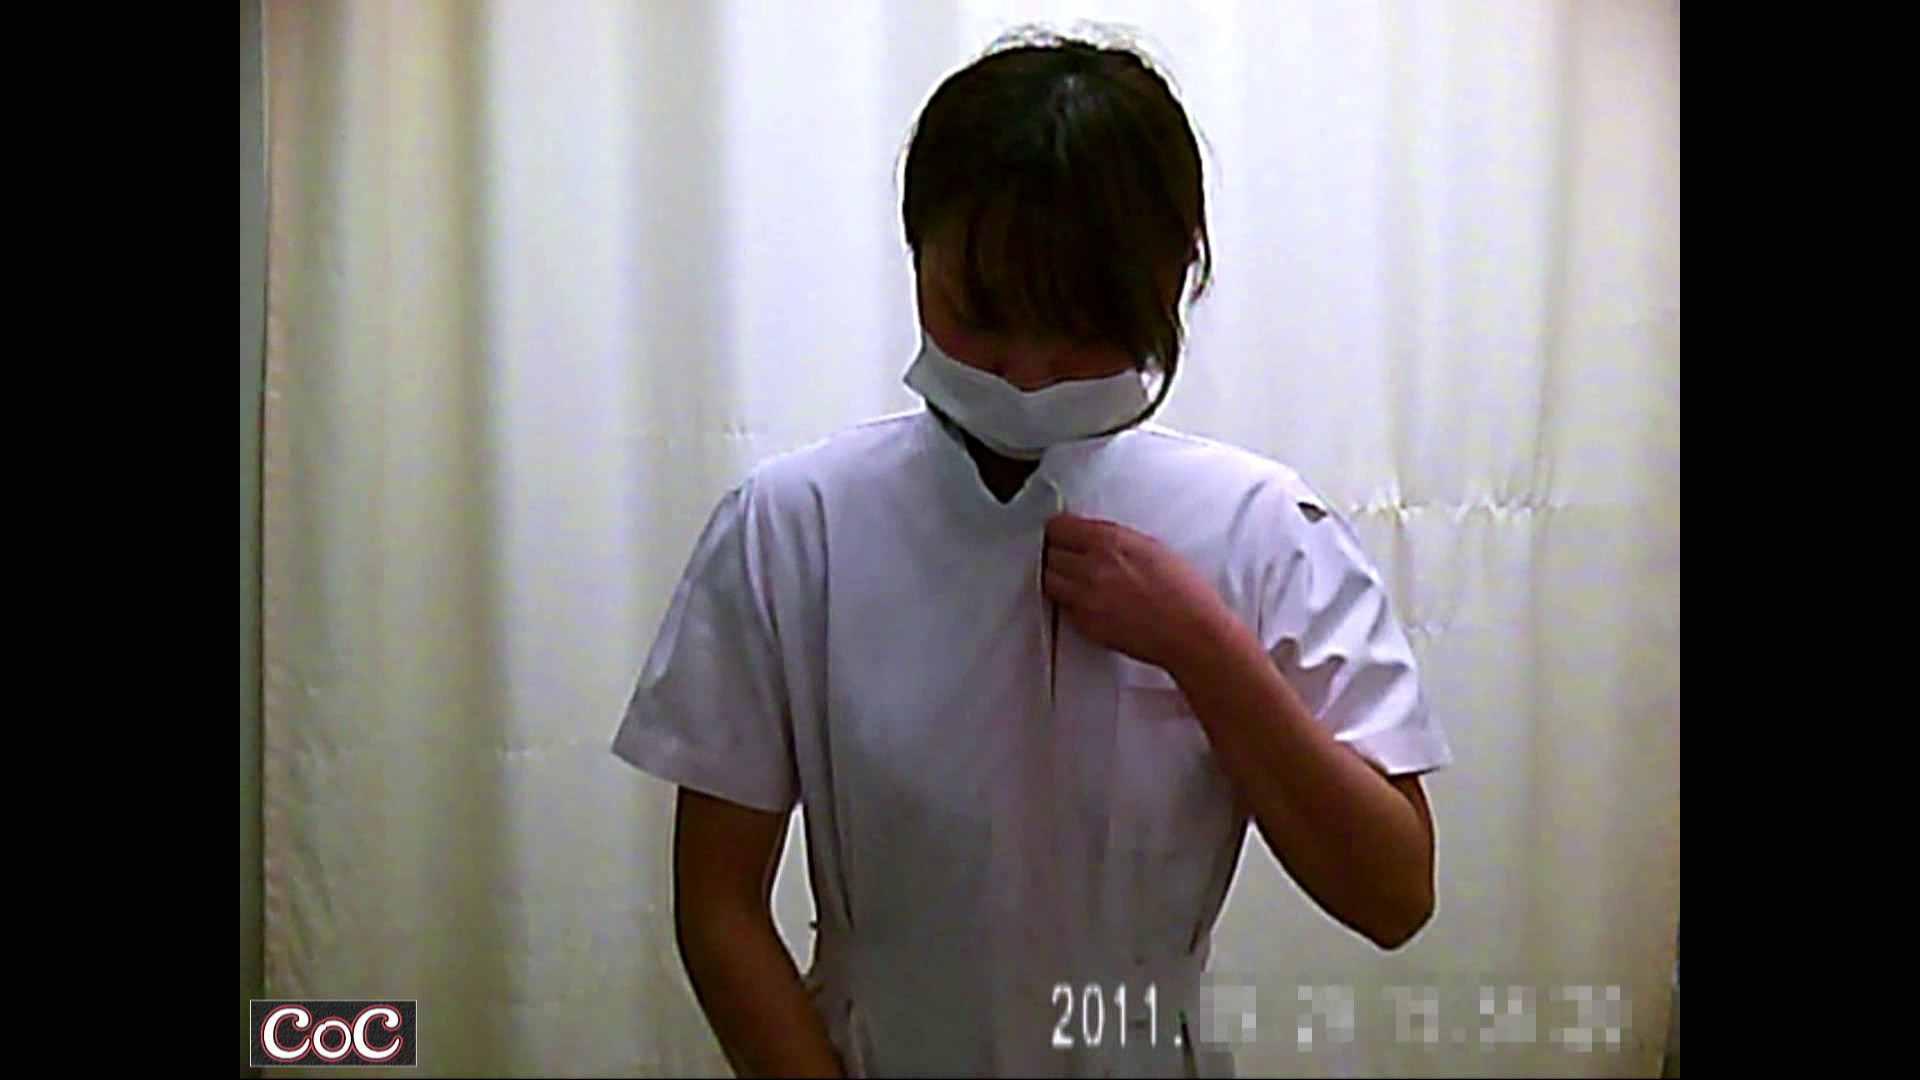 エッチ 熟女|元医者による反抗 更衣室地獄絵巻 vol.254|怪盗ジョーカー